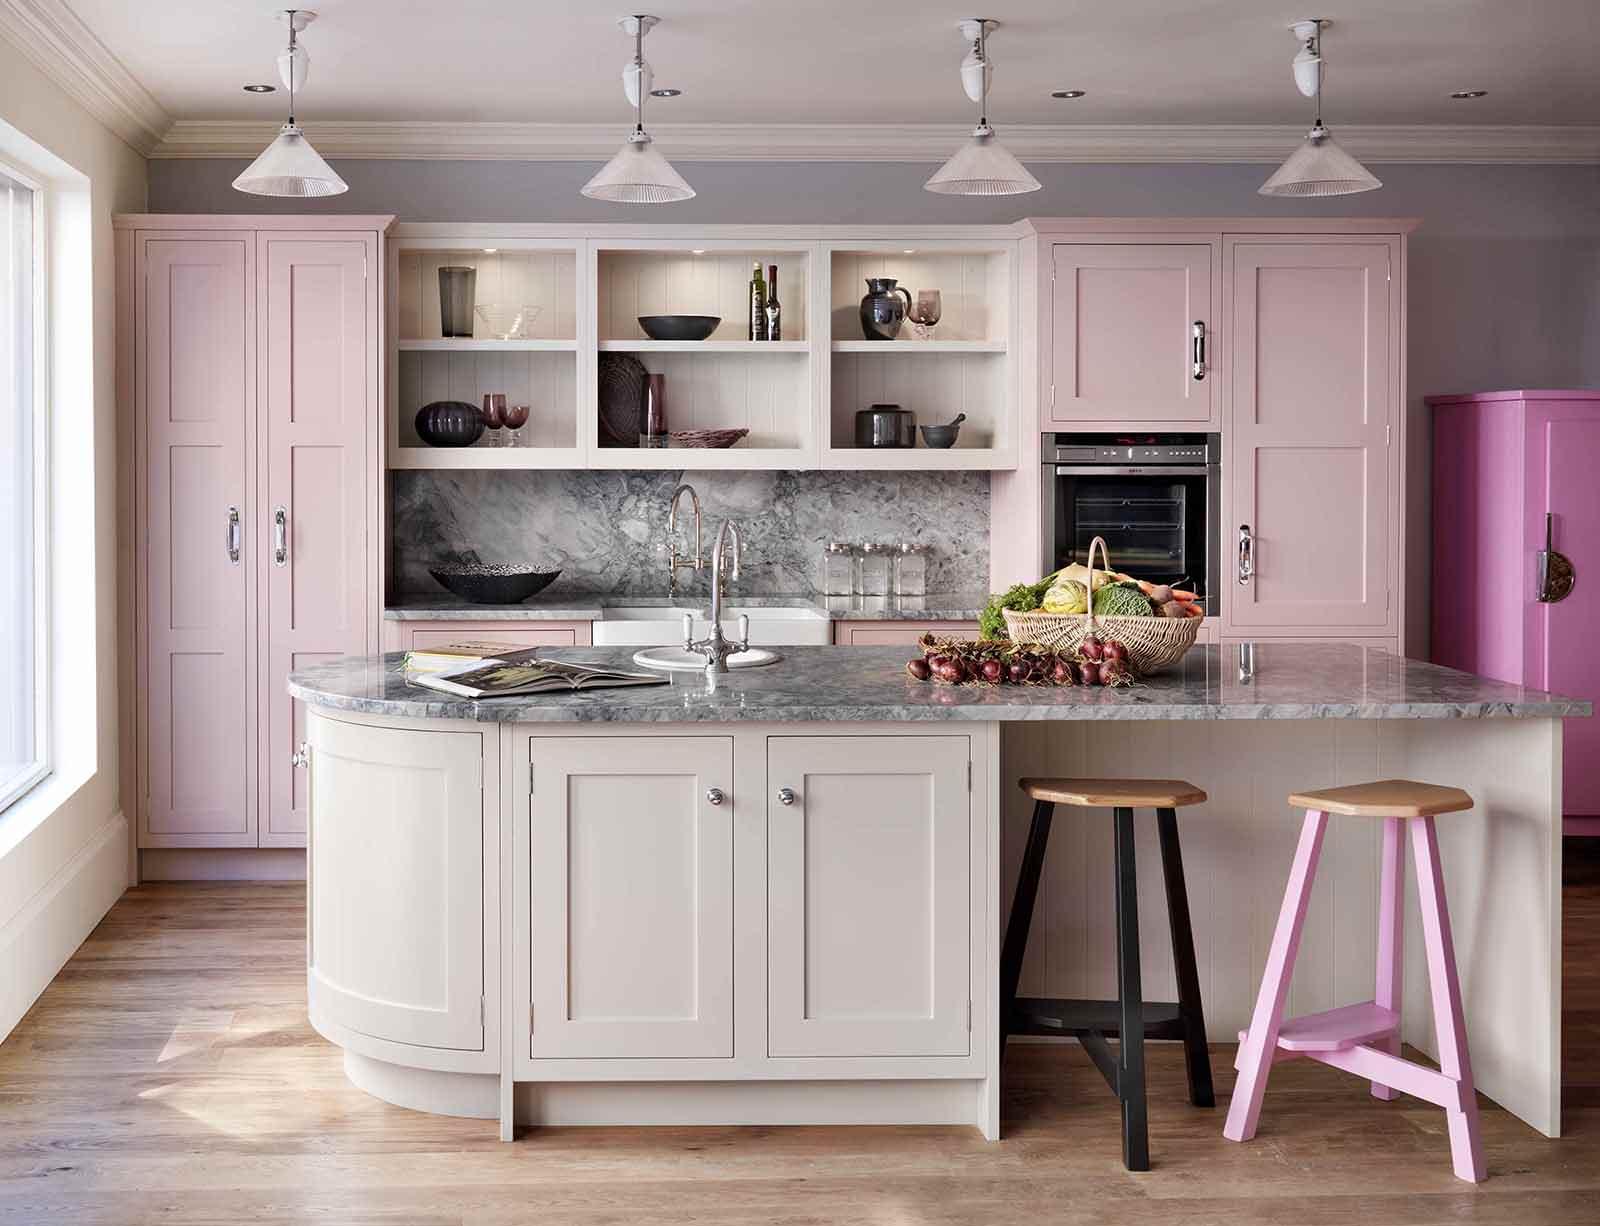 Пастельный розовый, белый, бежевый и черный цвета в интерьере кухни